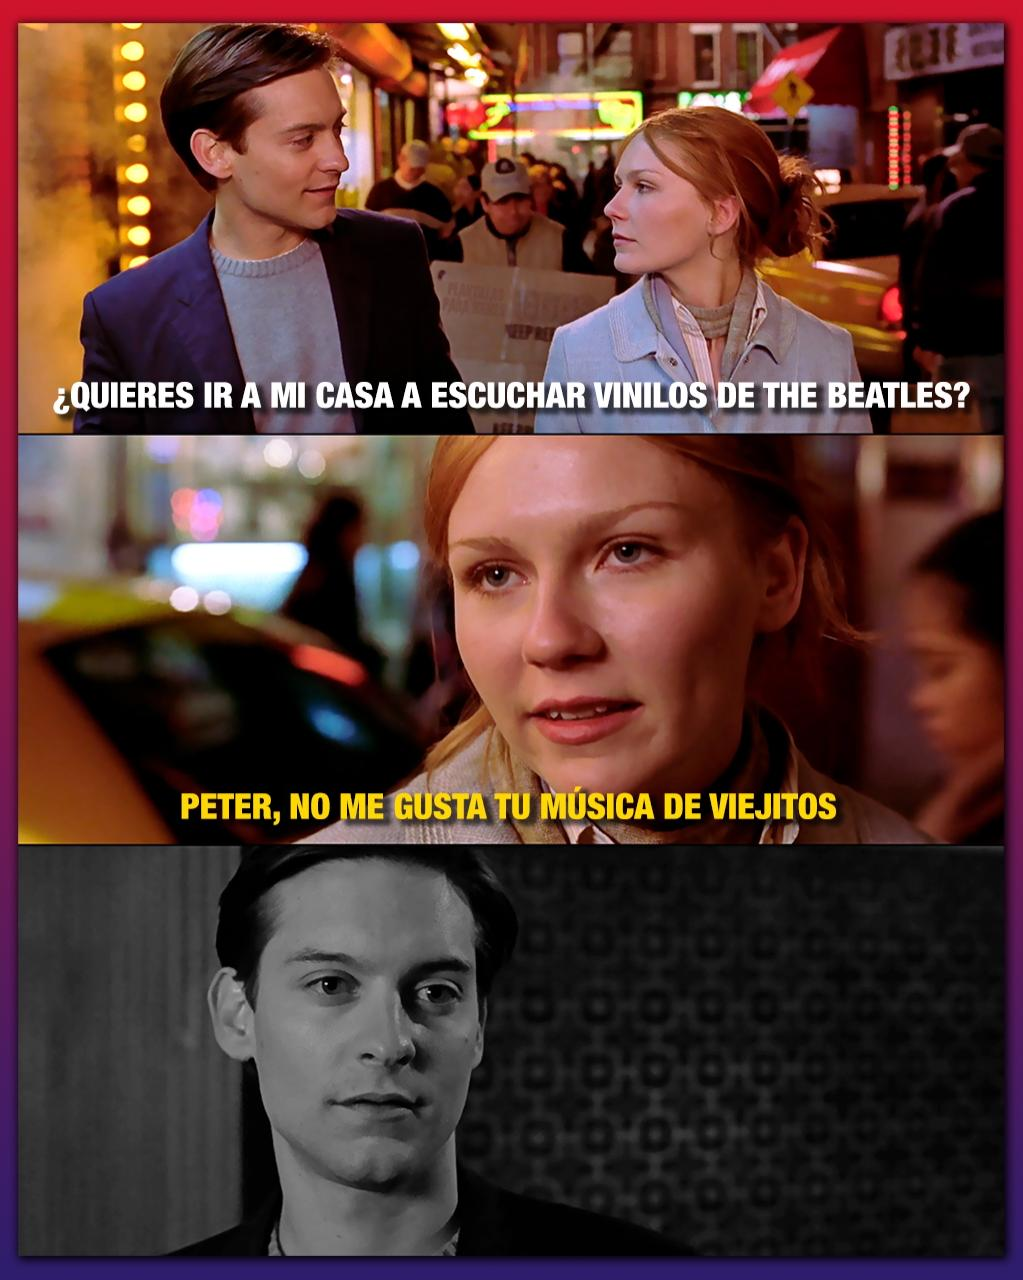 spider-man peter parker meme